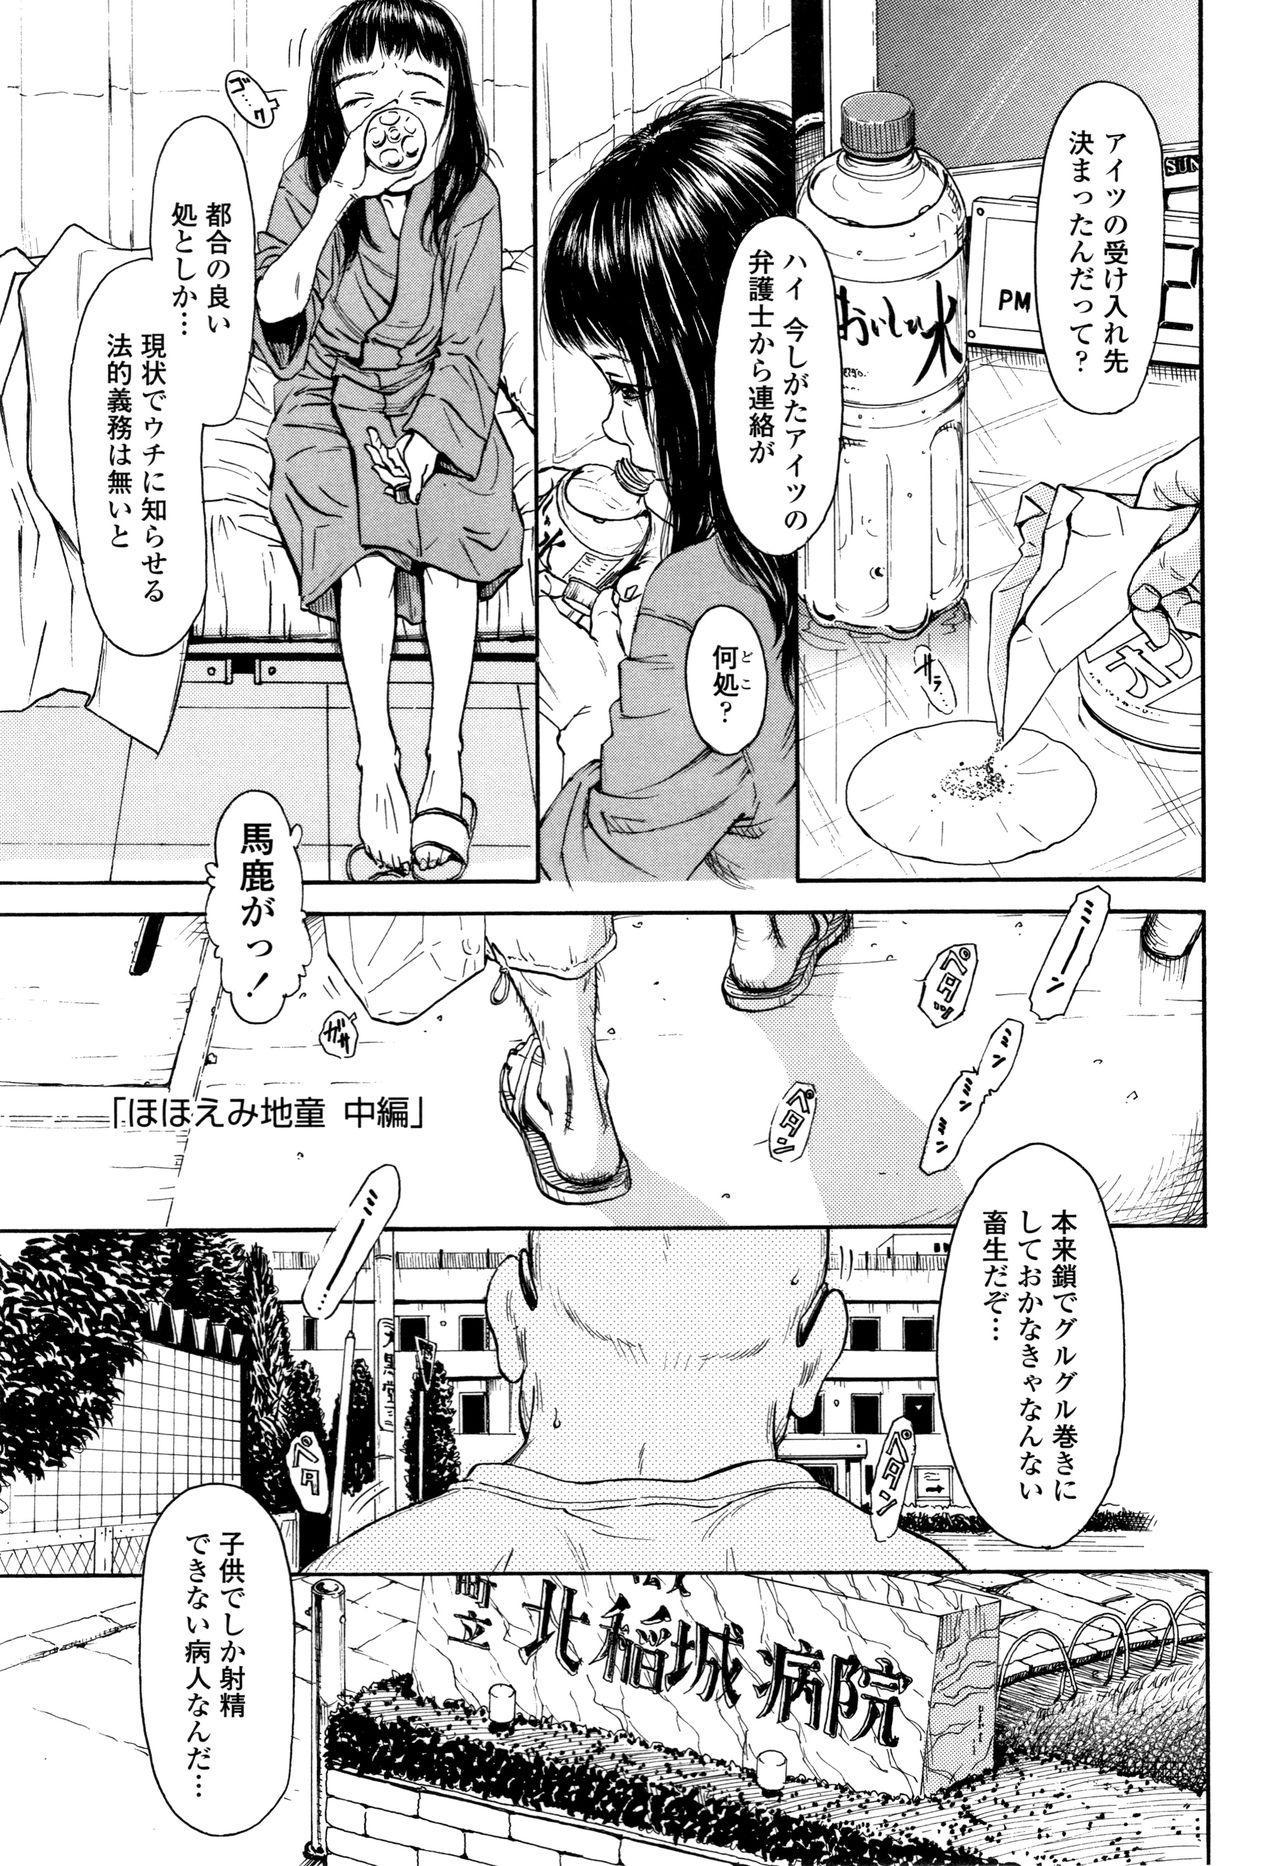 Chiisai Karada ni Shiroi Kage 37